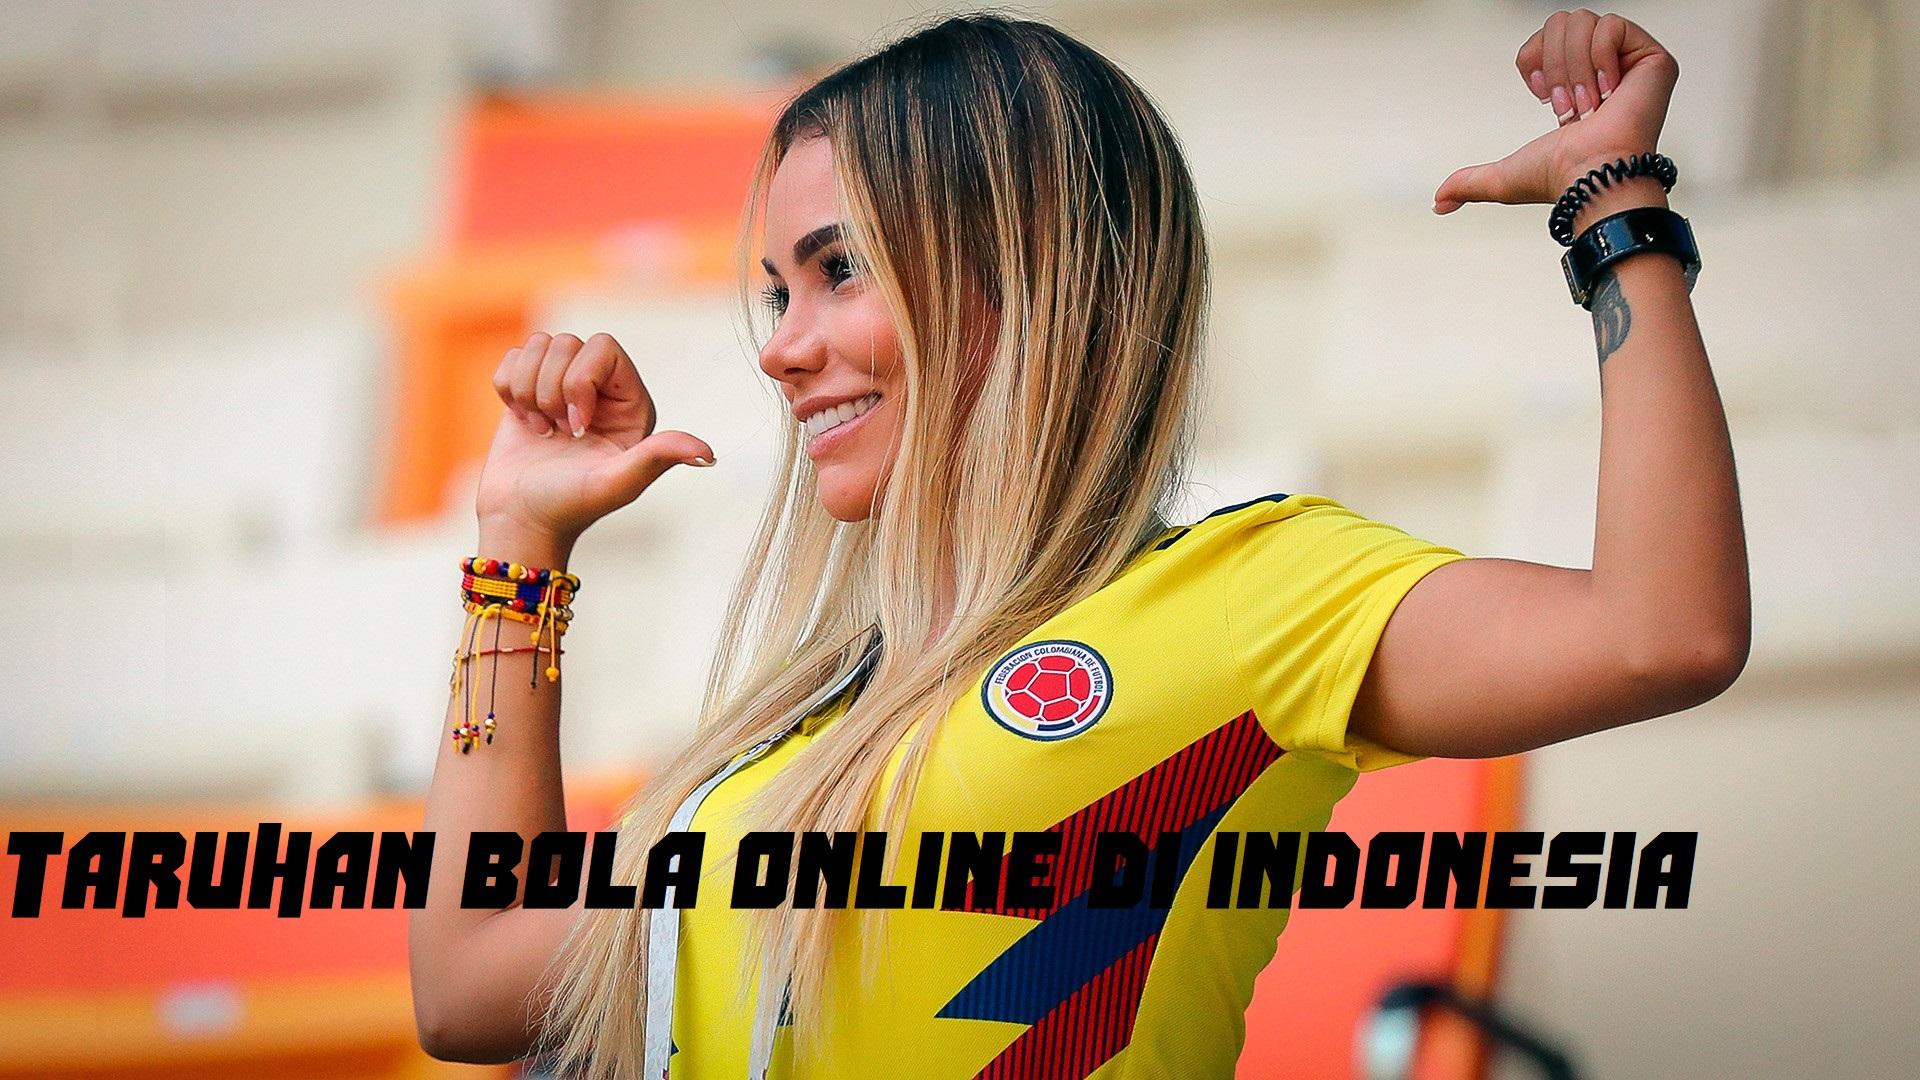 Taruhan Bola Online Di Indonesia